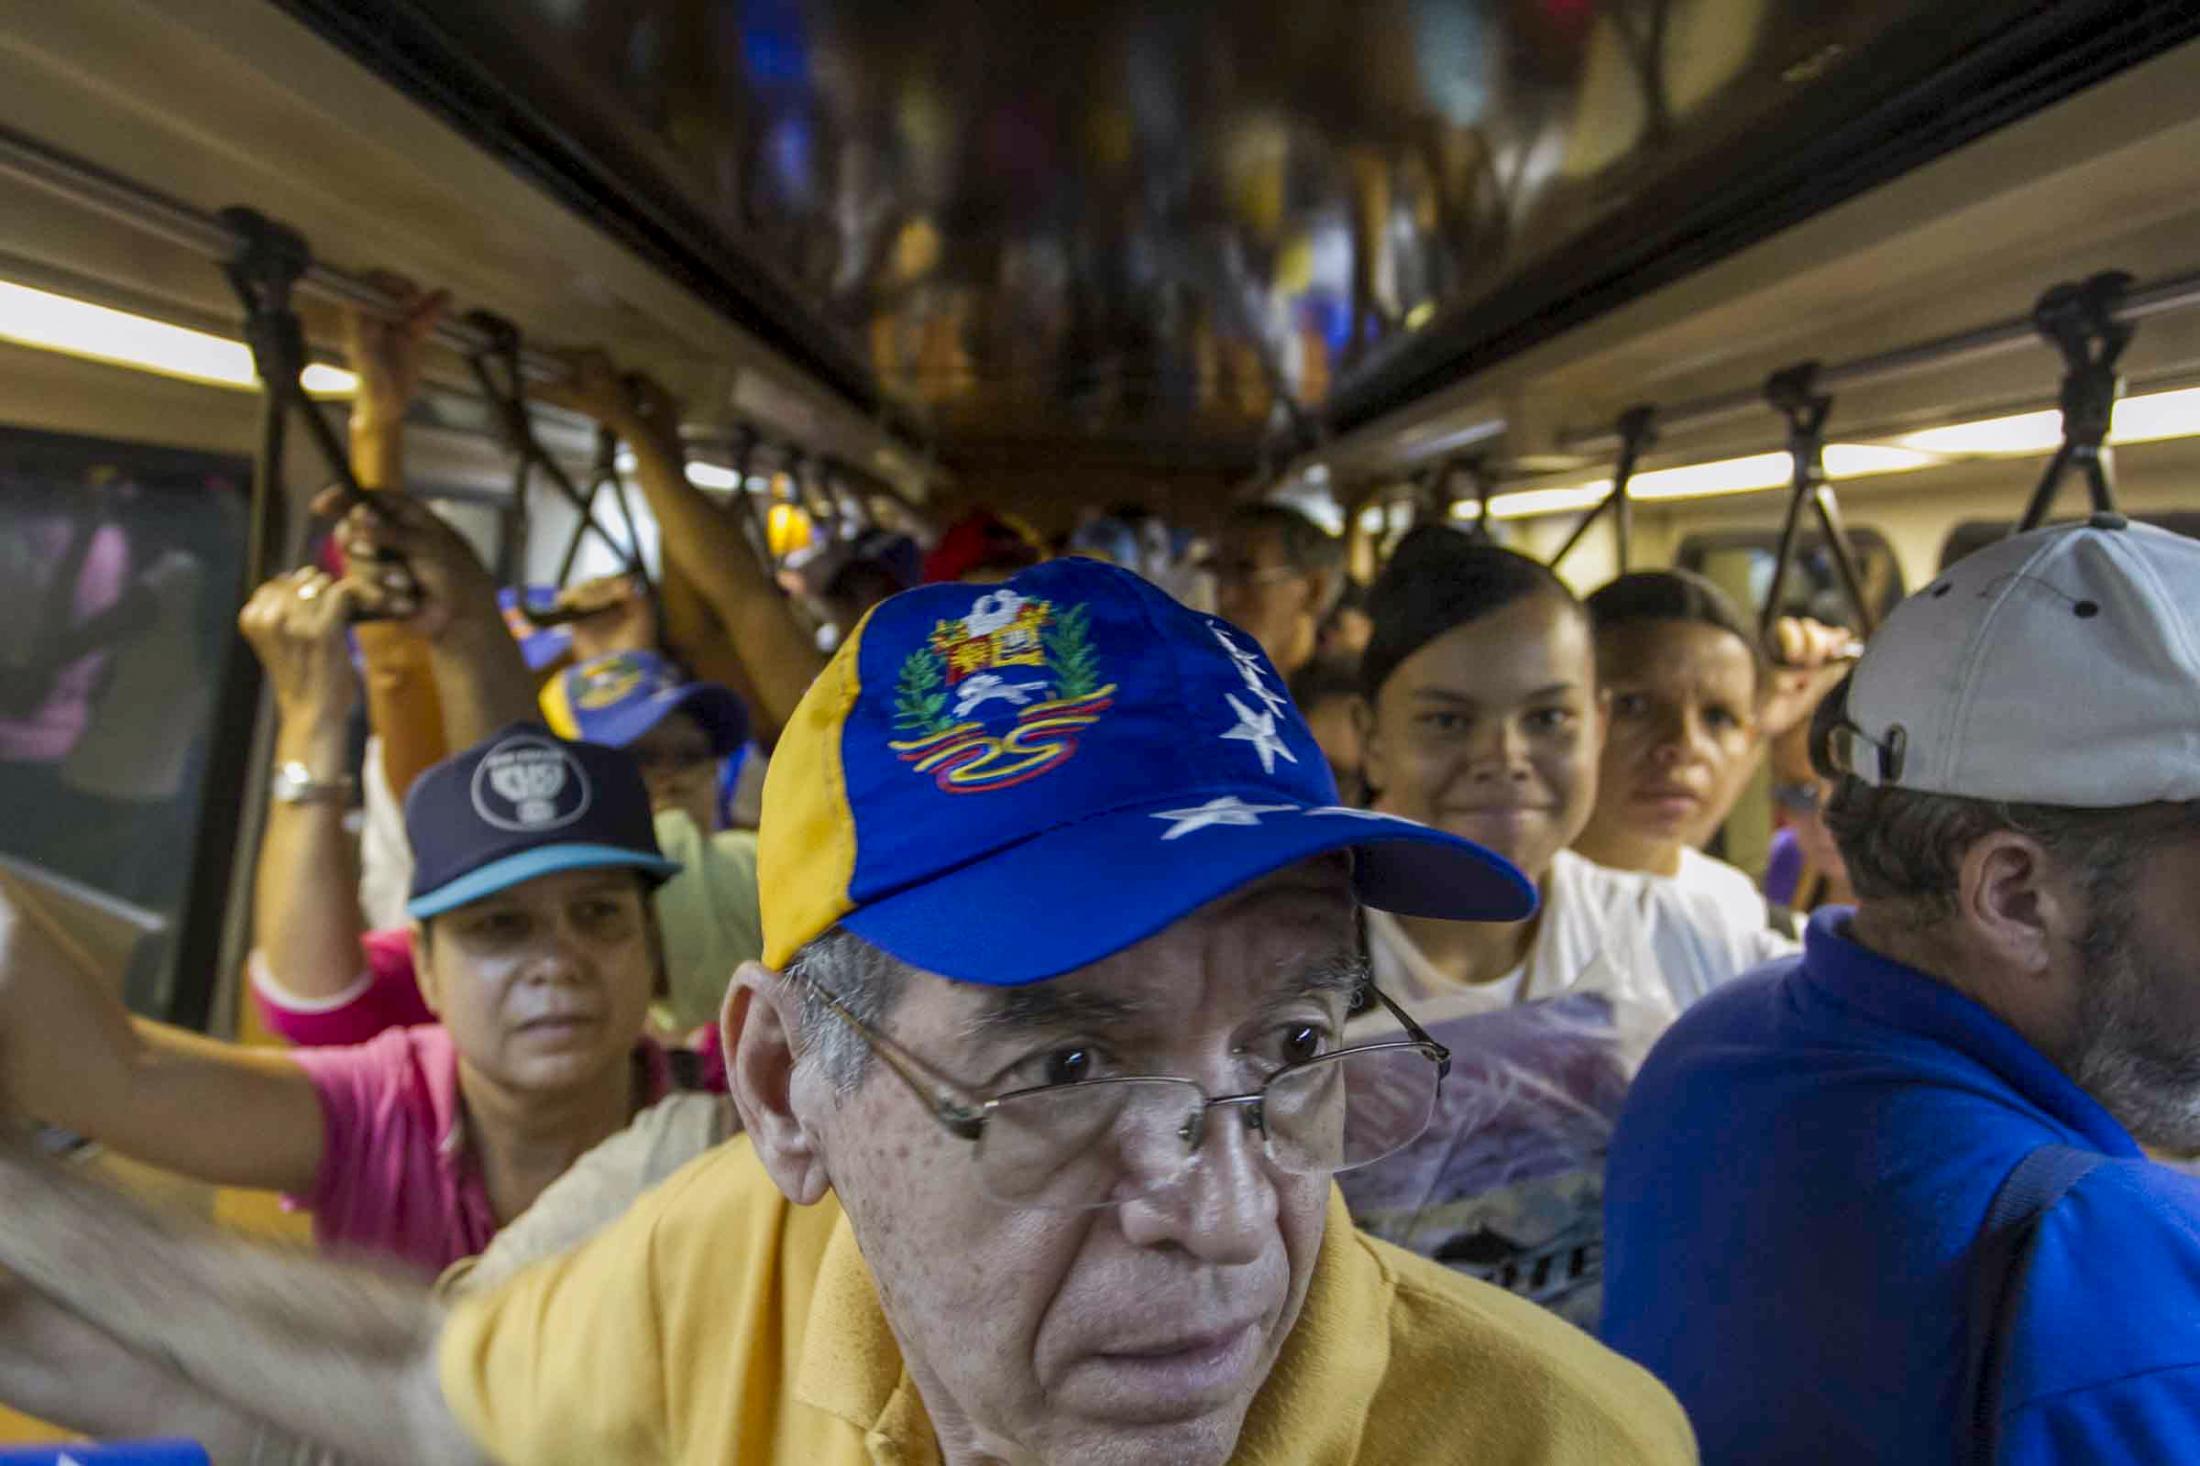 Personas se trasladan en el Metro de Caracas hacia el final de la Concentración, en el cierre de campaña presidencial de Henrique Capriles. 30/09/12. Fotonica/Miguel González.